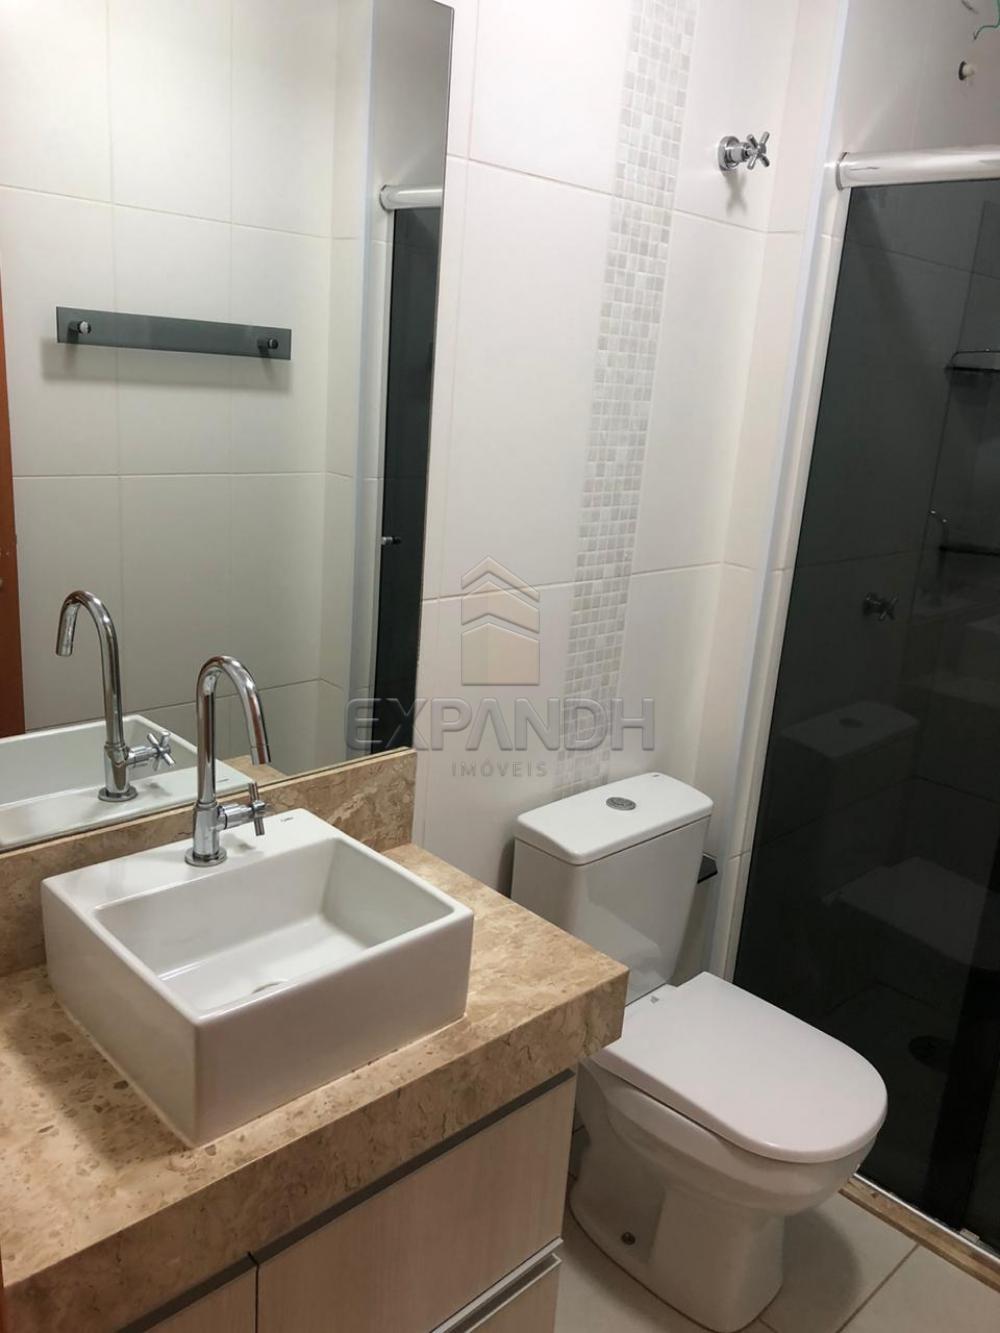 Alugar Apartamentos / Padrão em Sertãozinho apenas R$ 1.300,00 - Foto 12